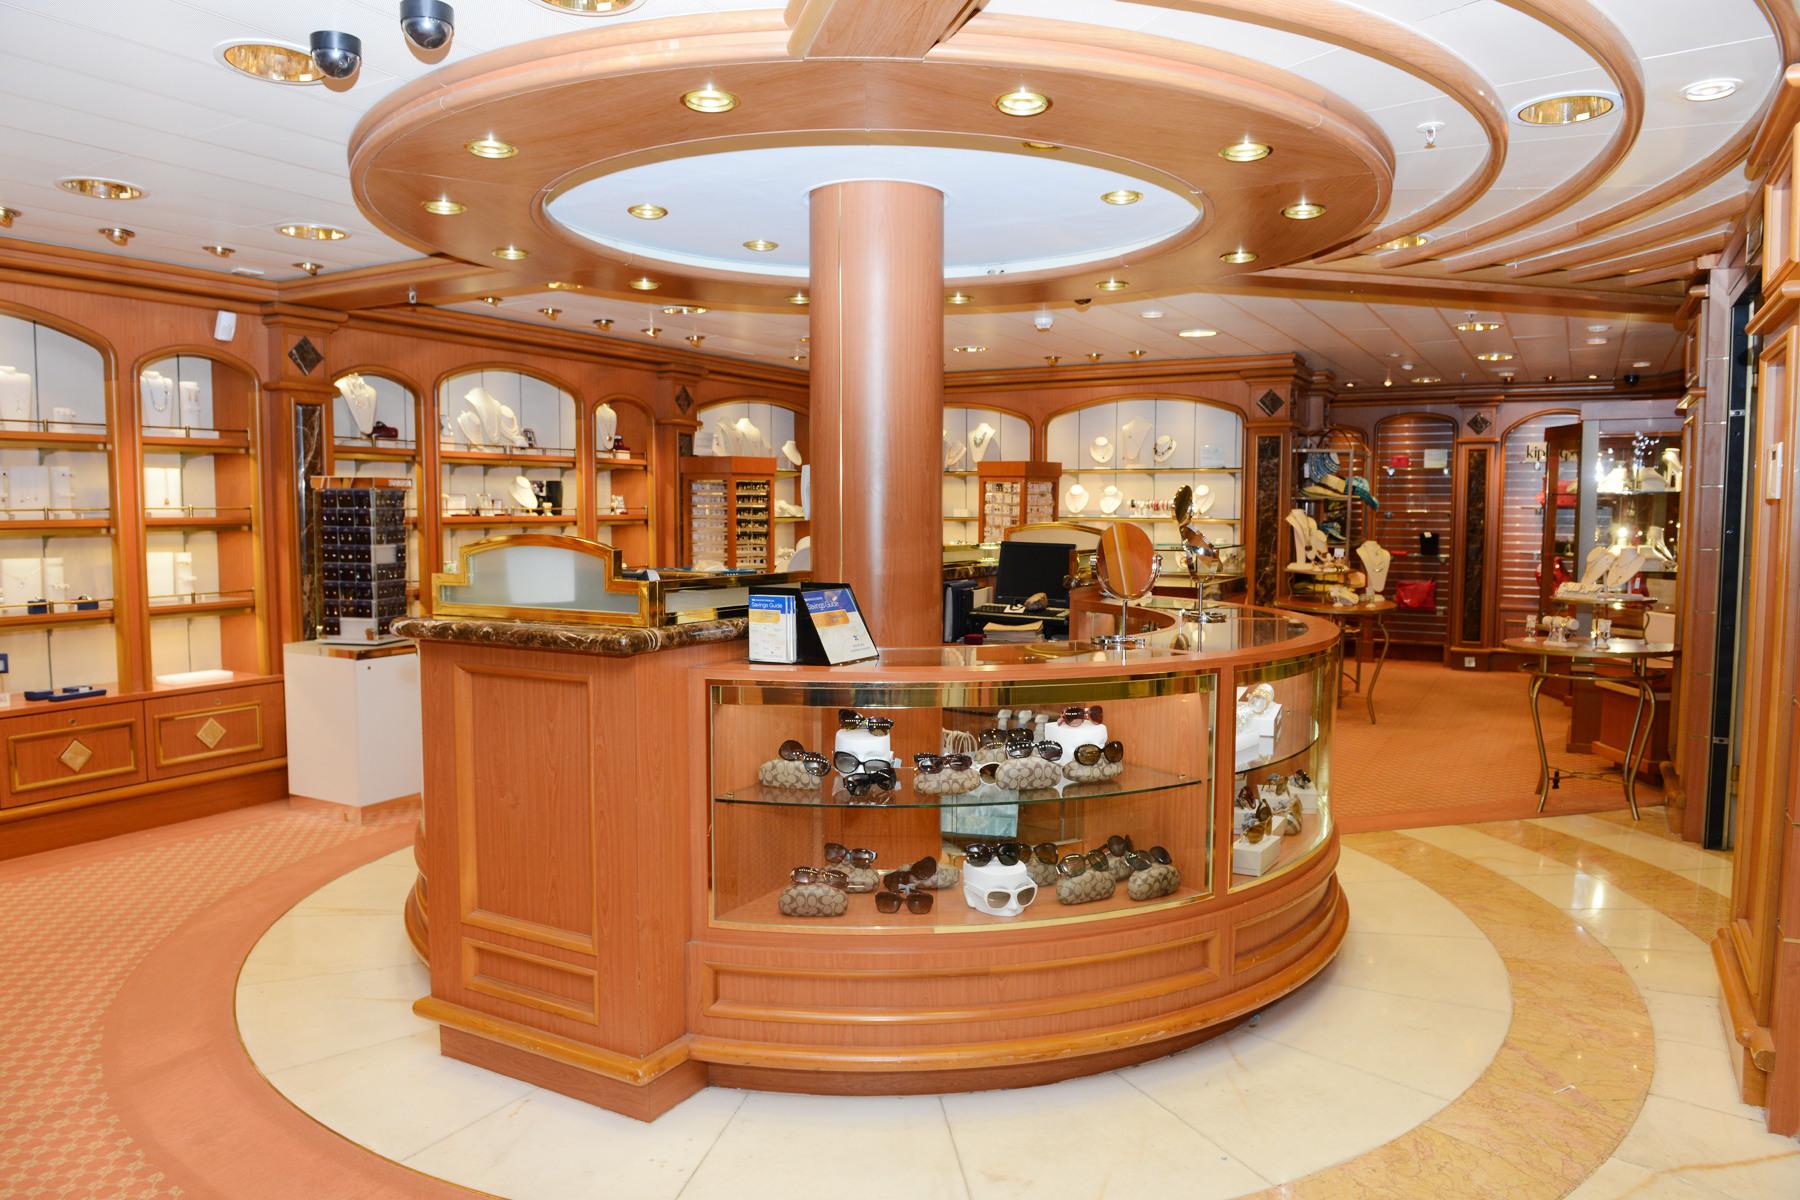 Princess Cruises Grand Class Ruby Princess boutique 2.jpg